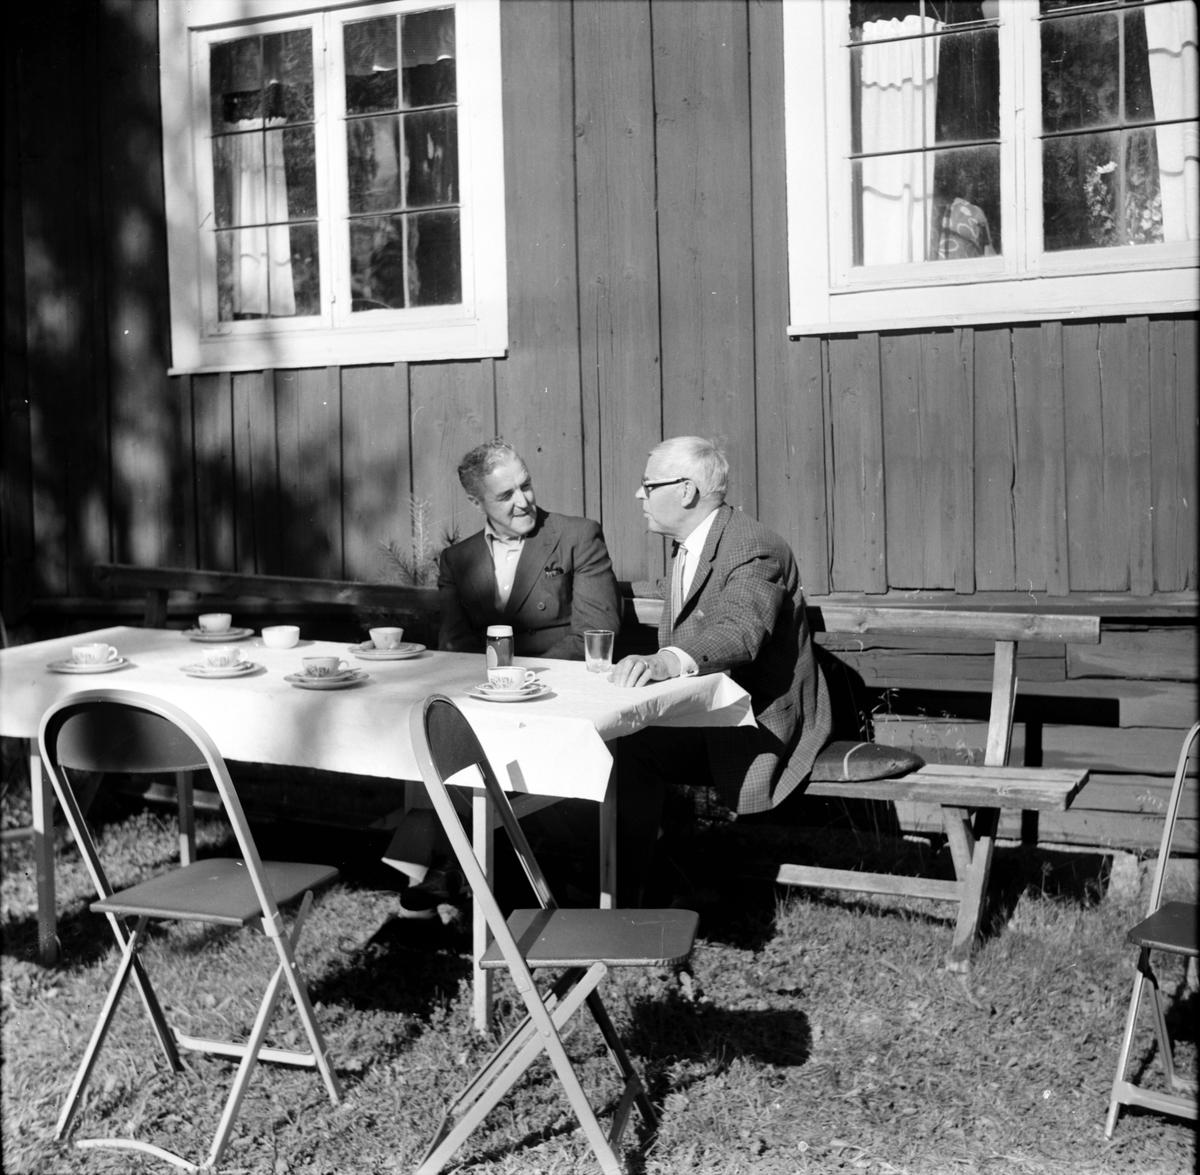 Arbrå, Servering på Kämpens, P.W. Häger o P.O. Johansson, 8 Augusti 1971